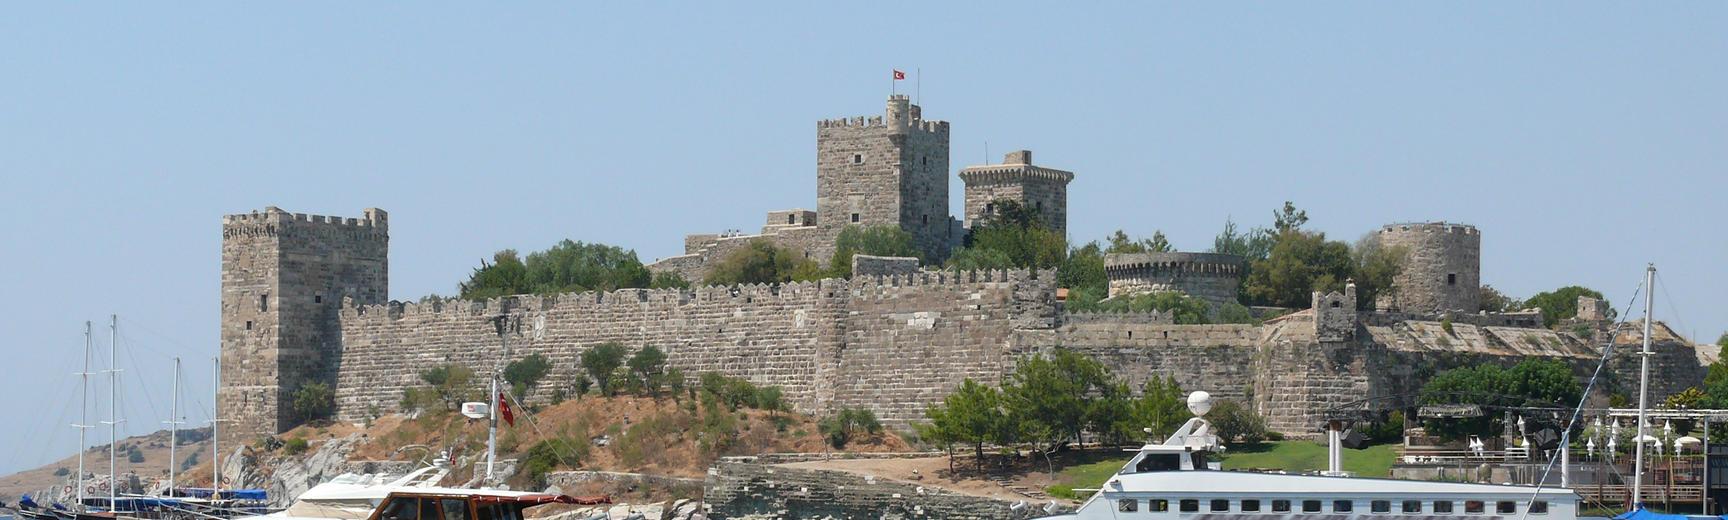 Southeast view of Bodrum Castle in southwest Turkey